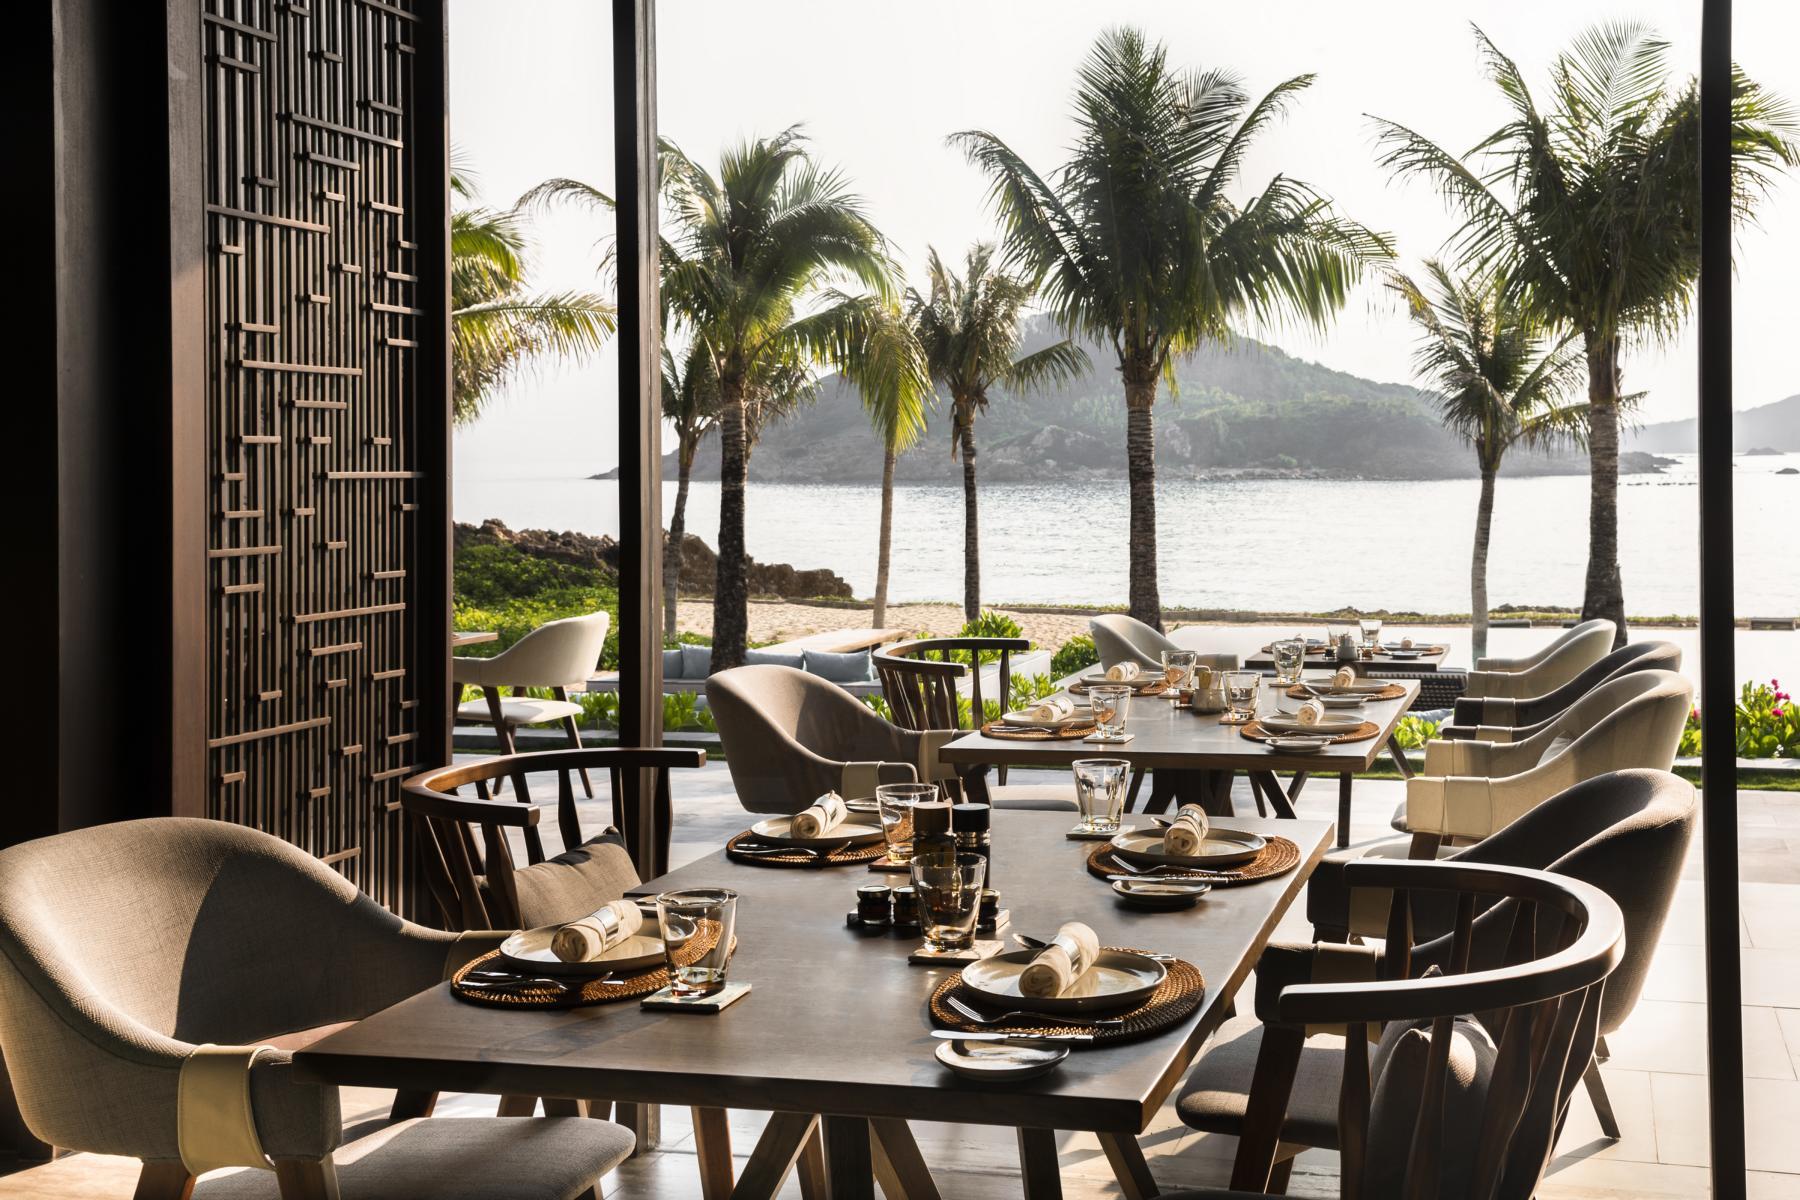 Das Restaurant mit Blick aufs Meer in den Anantara Villas Quy Nhon in Vietnam